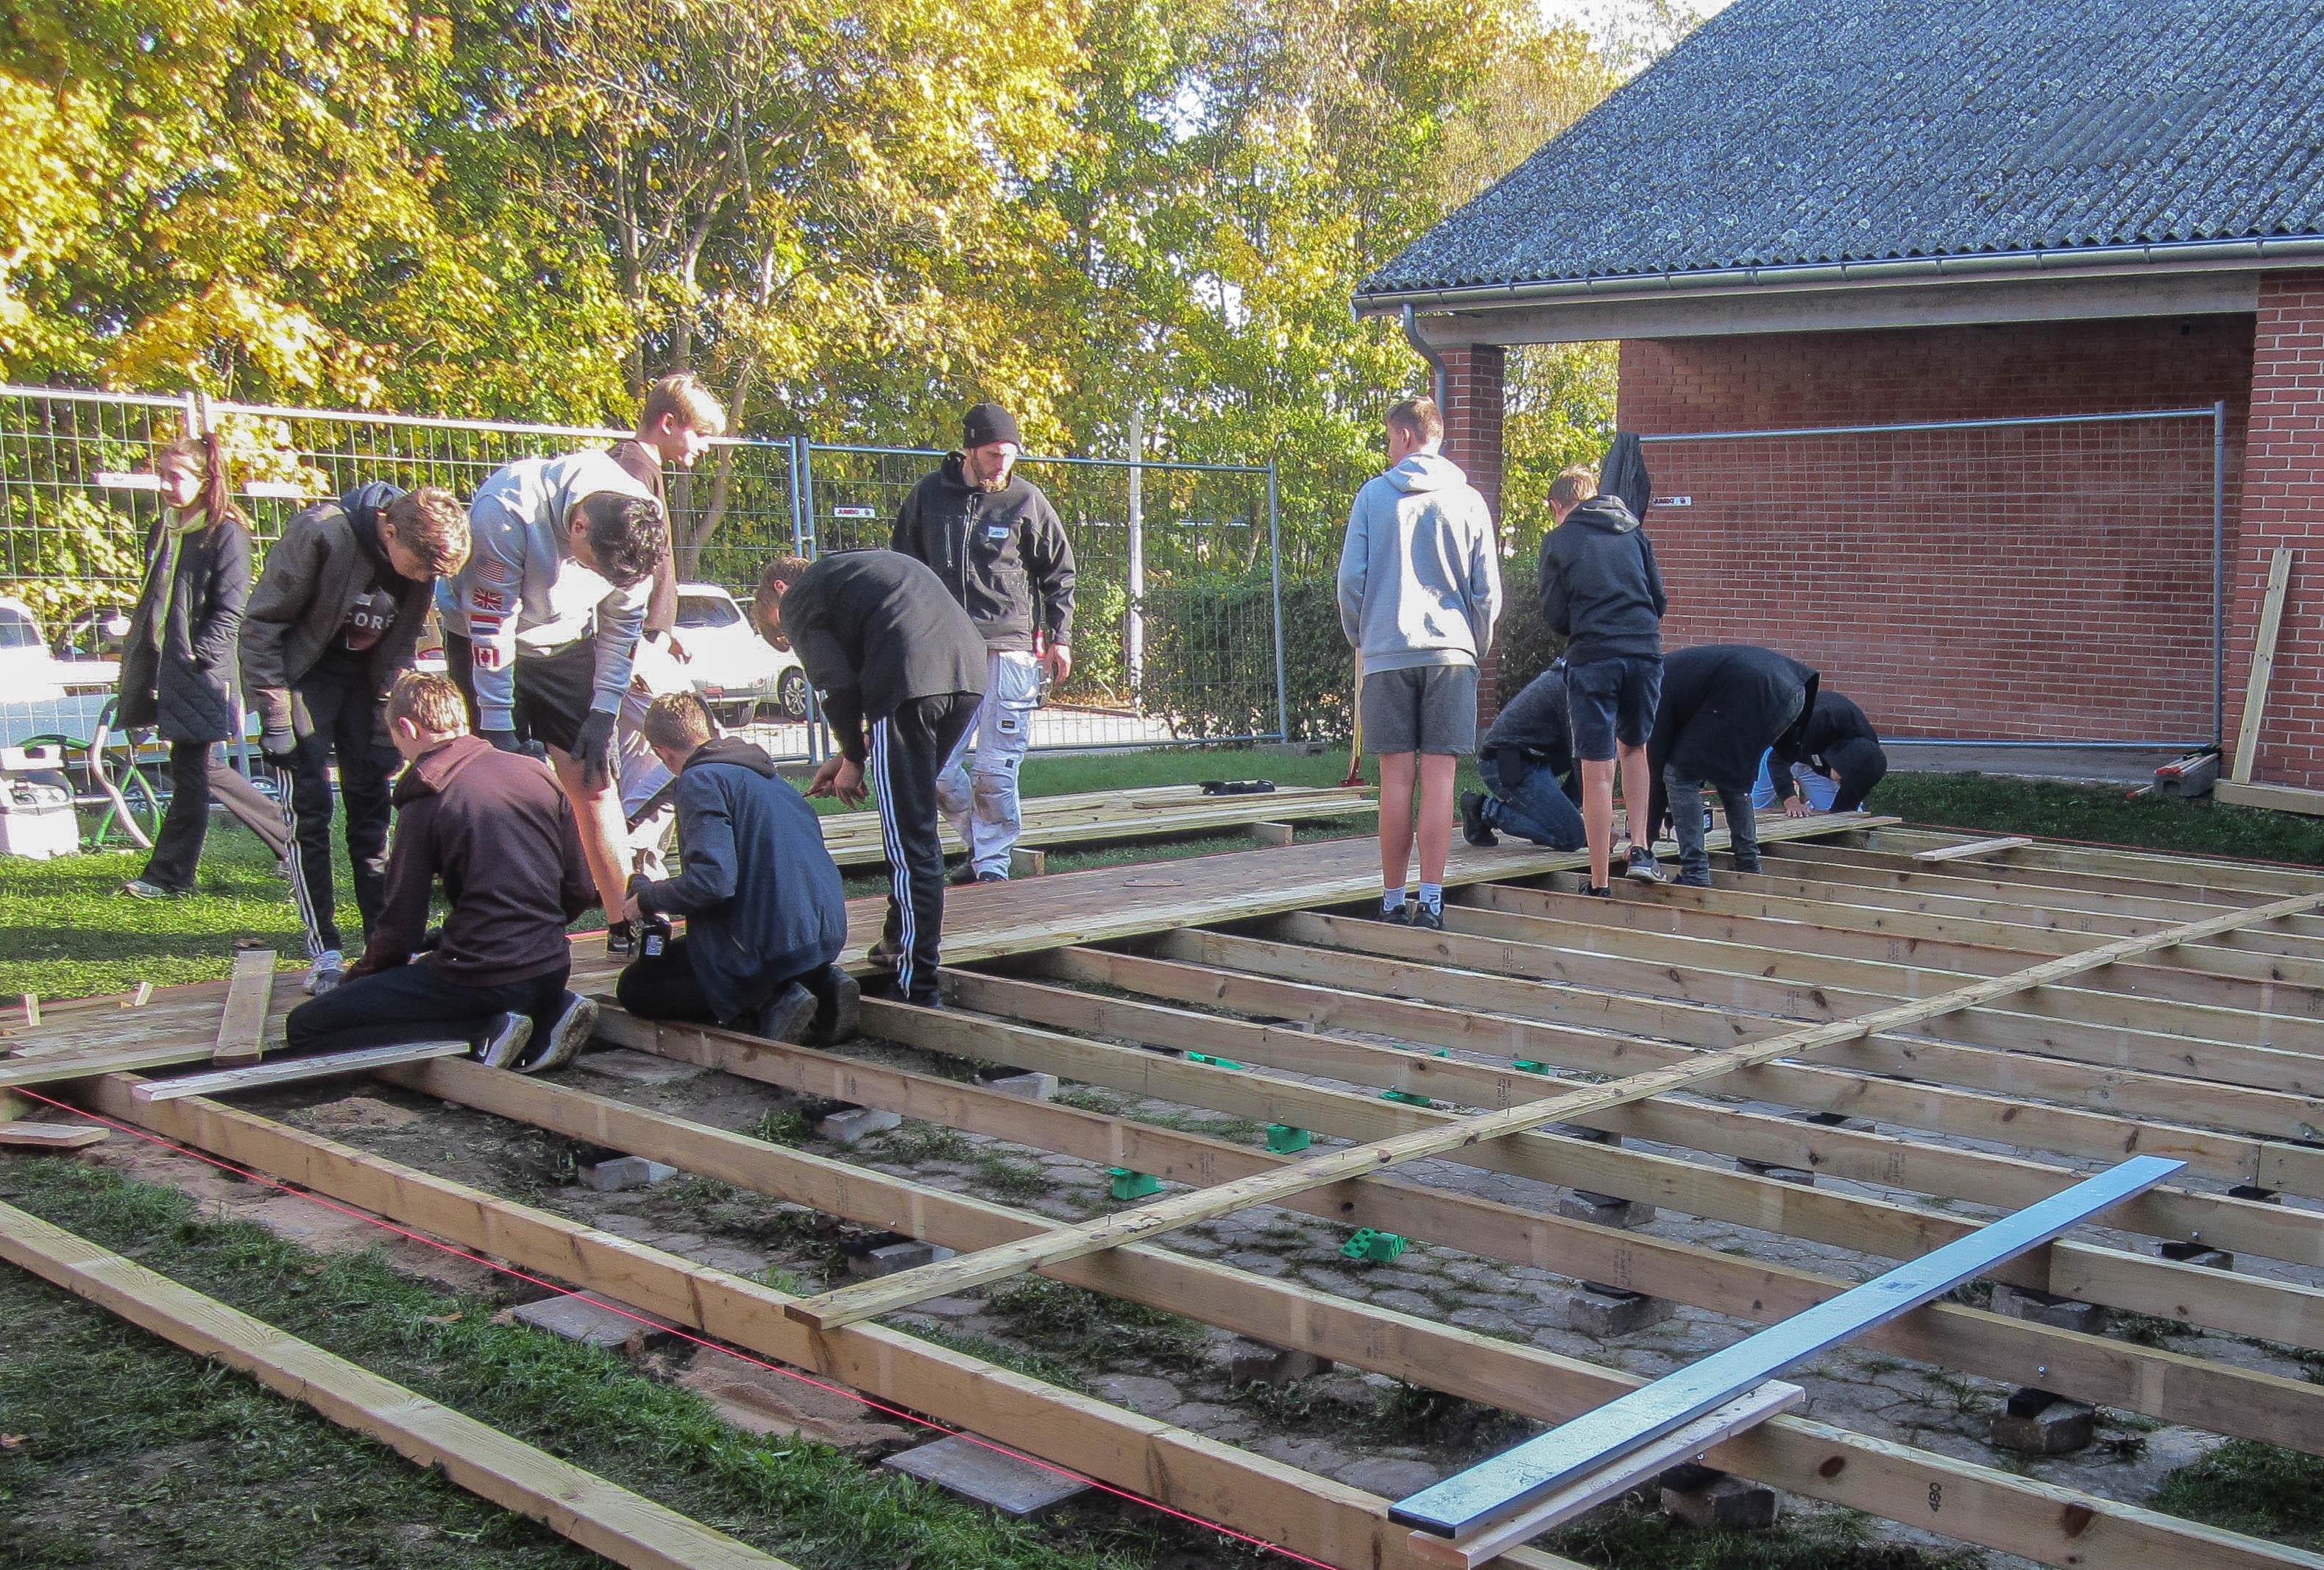 Tømrevirksomheden Egon Olsen & Søn hjælper med at bygge en terrasse på den lokale skole. Projektet skal være med til at vise eleverne, hvad håndværksfaget kan. Foto: Egon Olsen & Søn